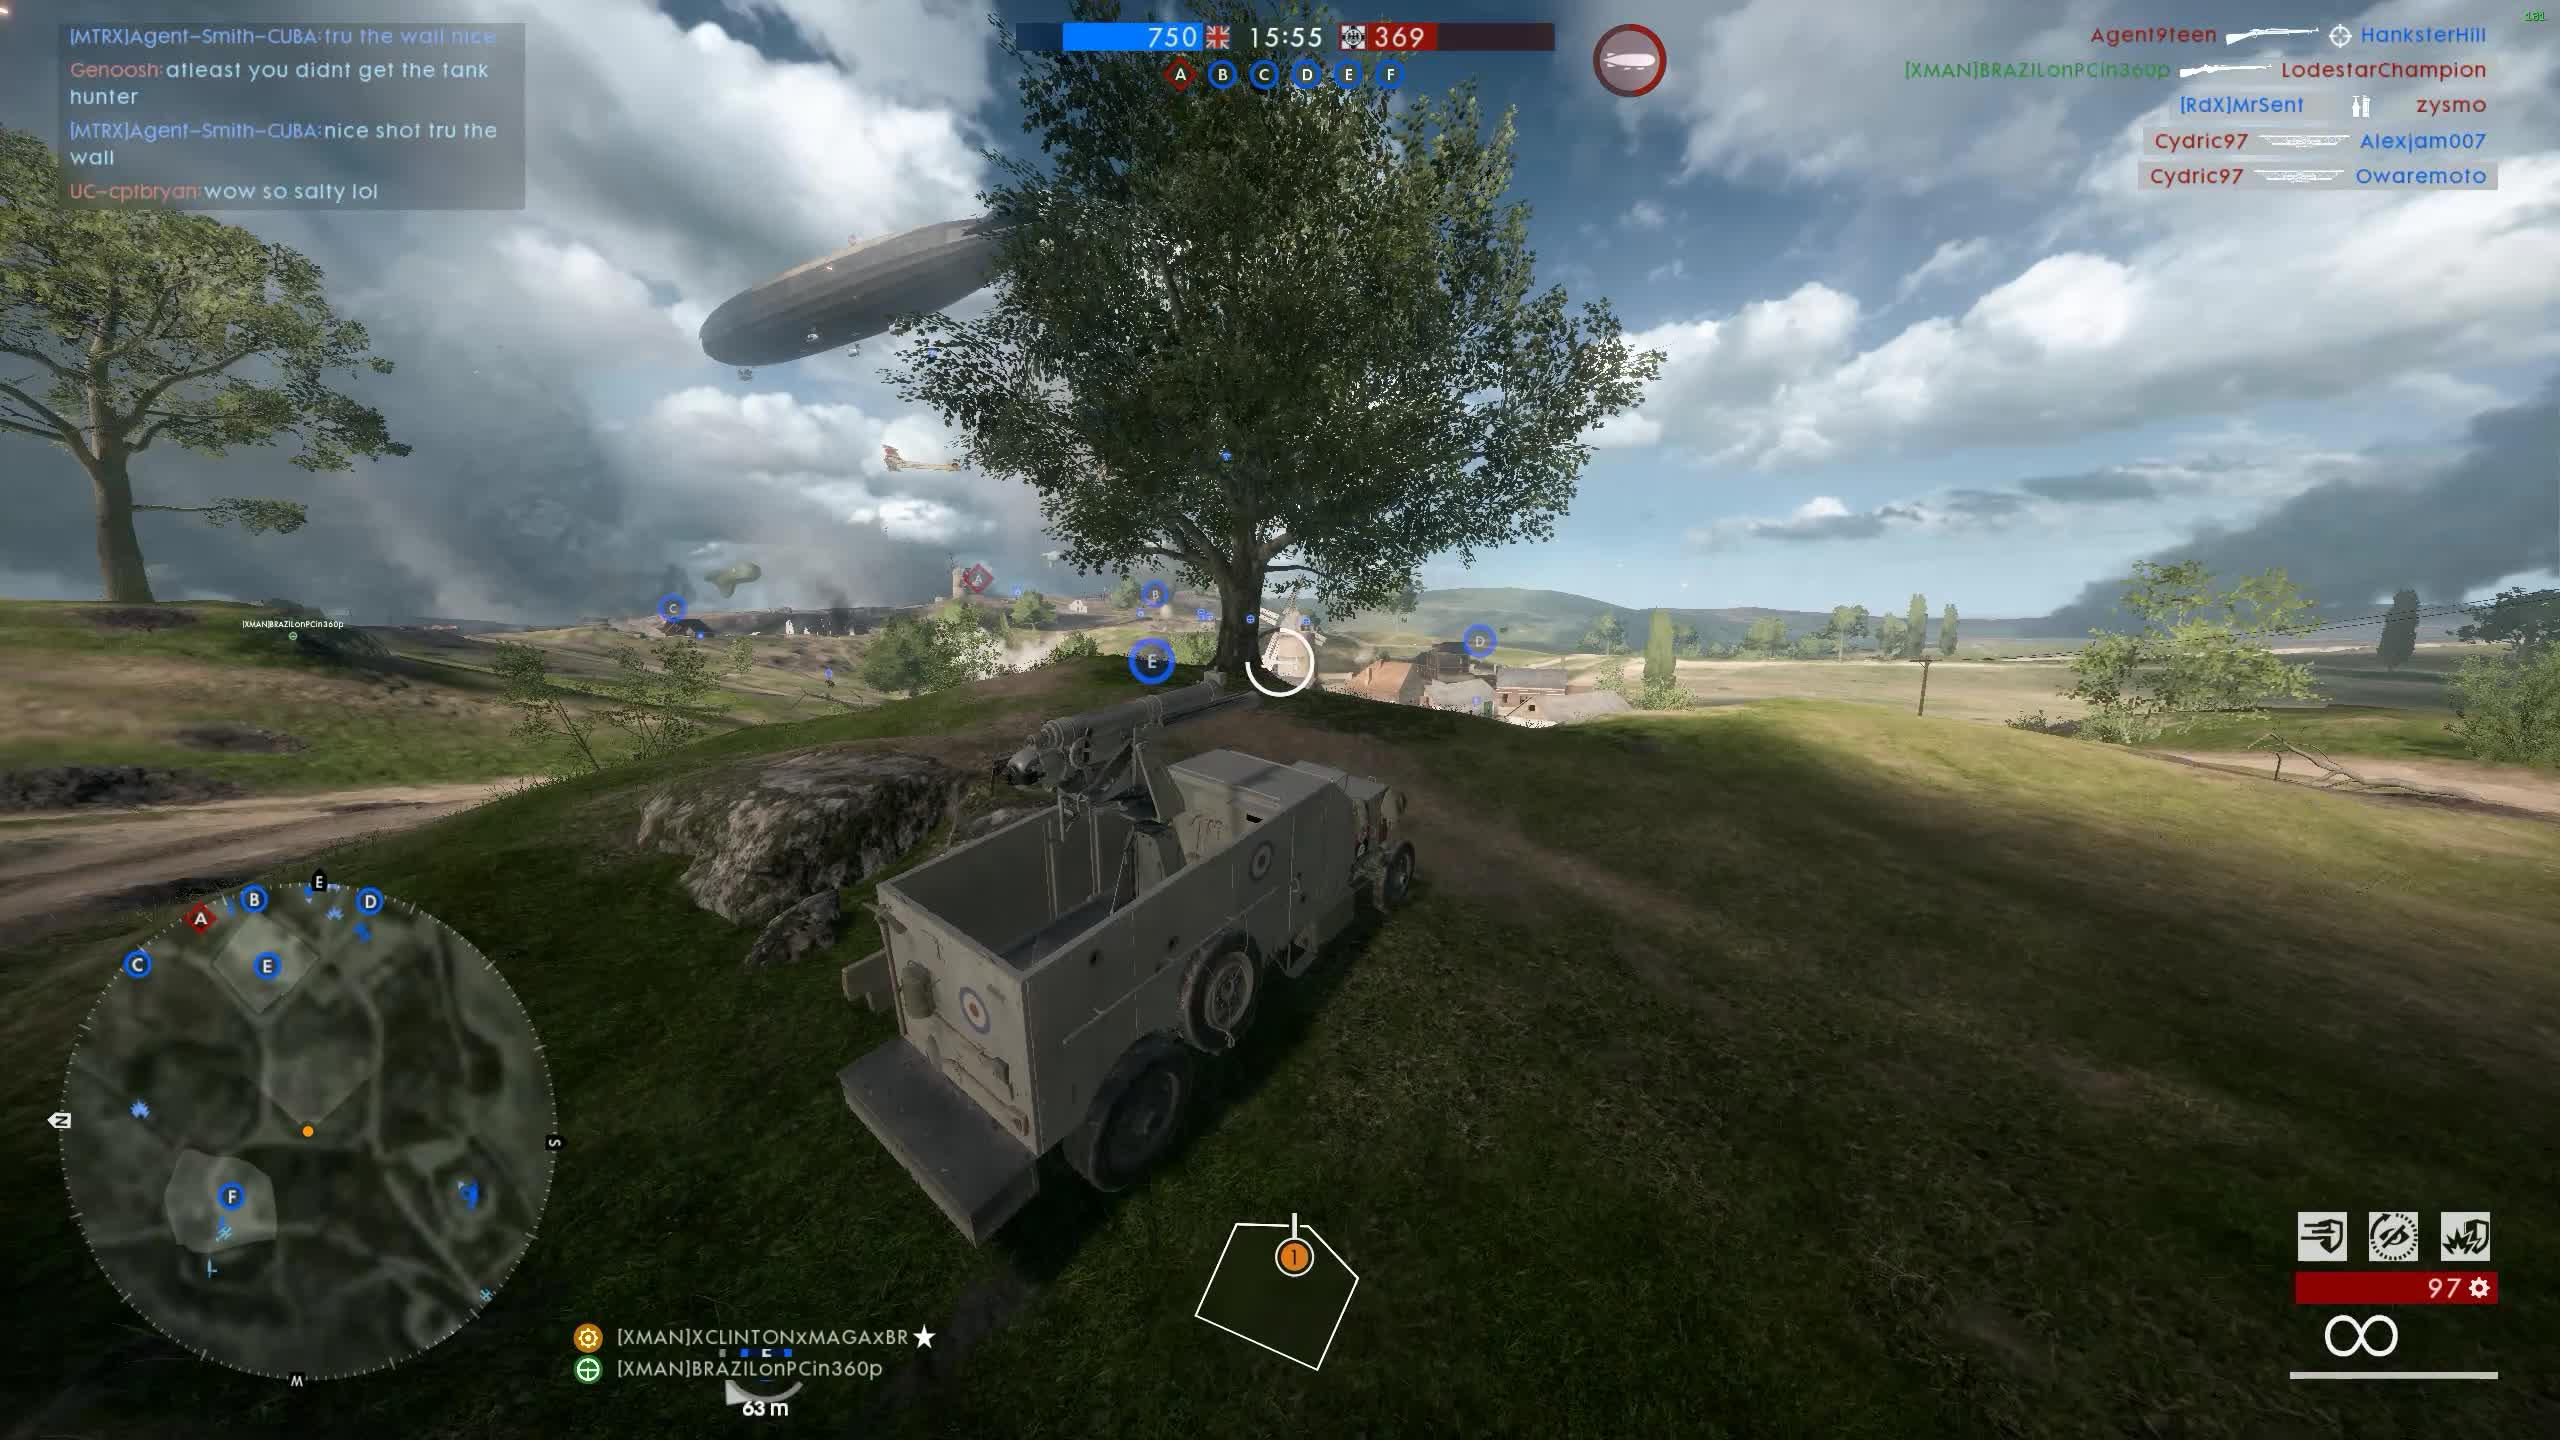 battlefield1, Battlefield 1 02.26.2018 - 18.53.31.186.DVR GIFs